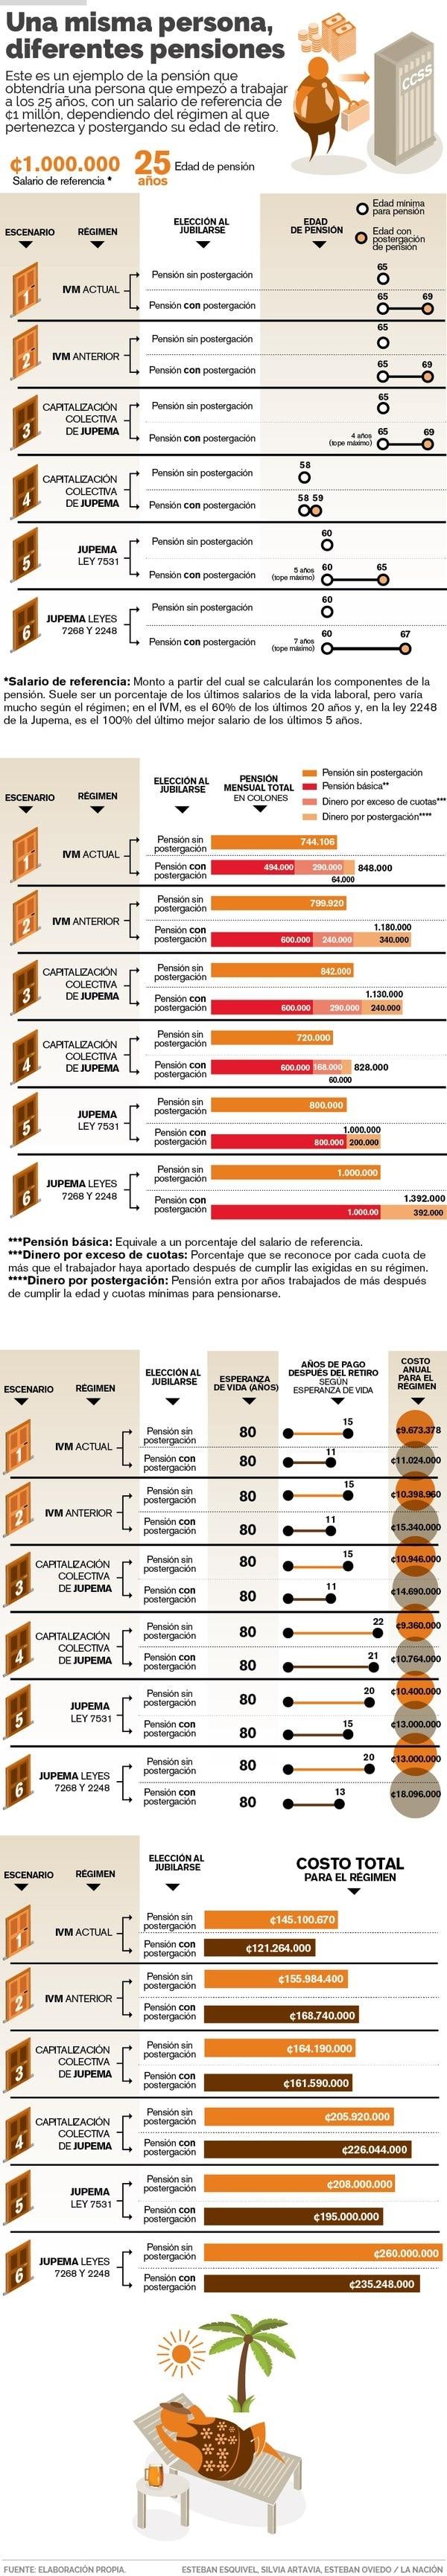 Infografía IVM Prueba